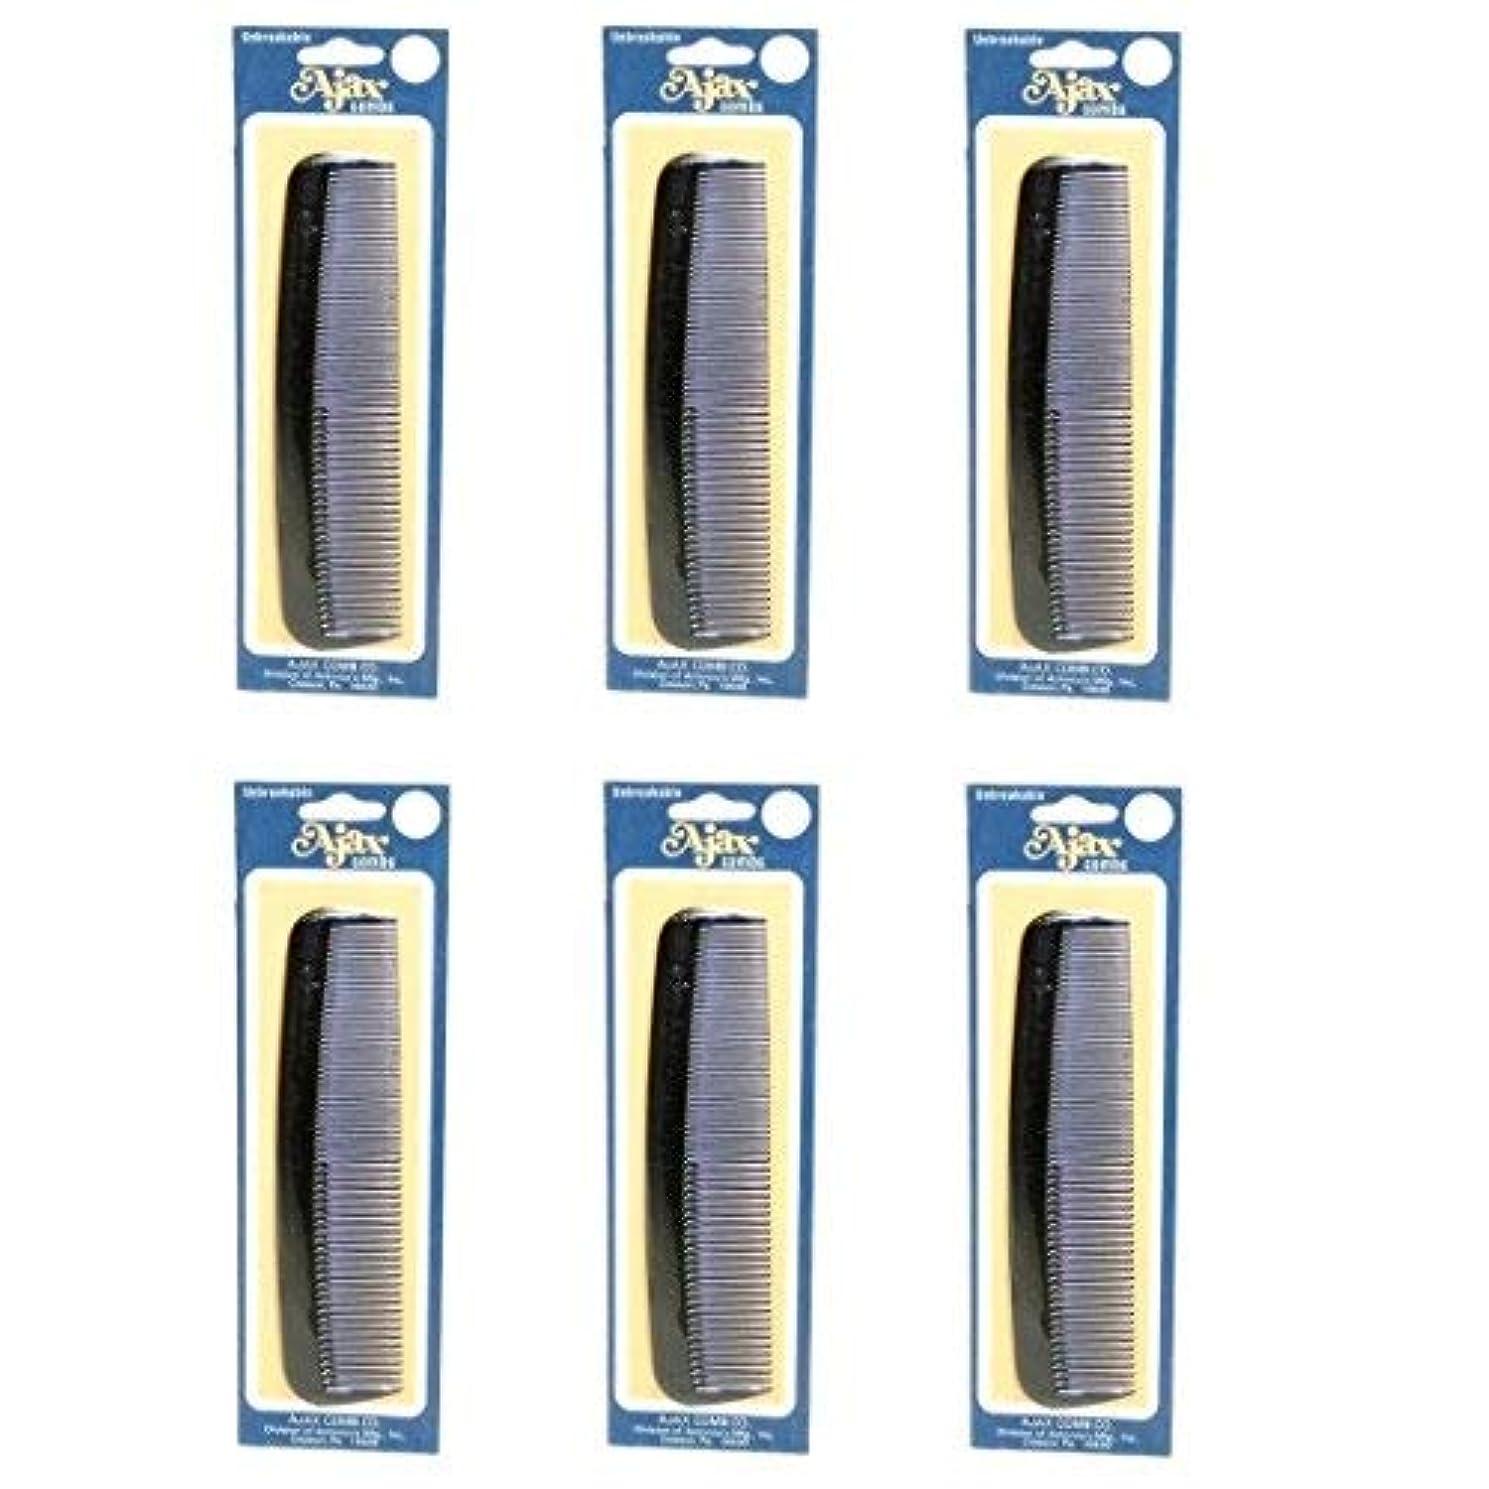 欺製造業豊かなAjax Unbreakable Hair Combs Super Flexible Pocket Sized Lifetime Guarantee - Proudly Made in the USA (Pack of...